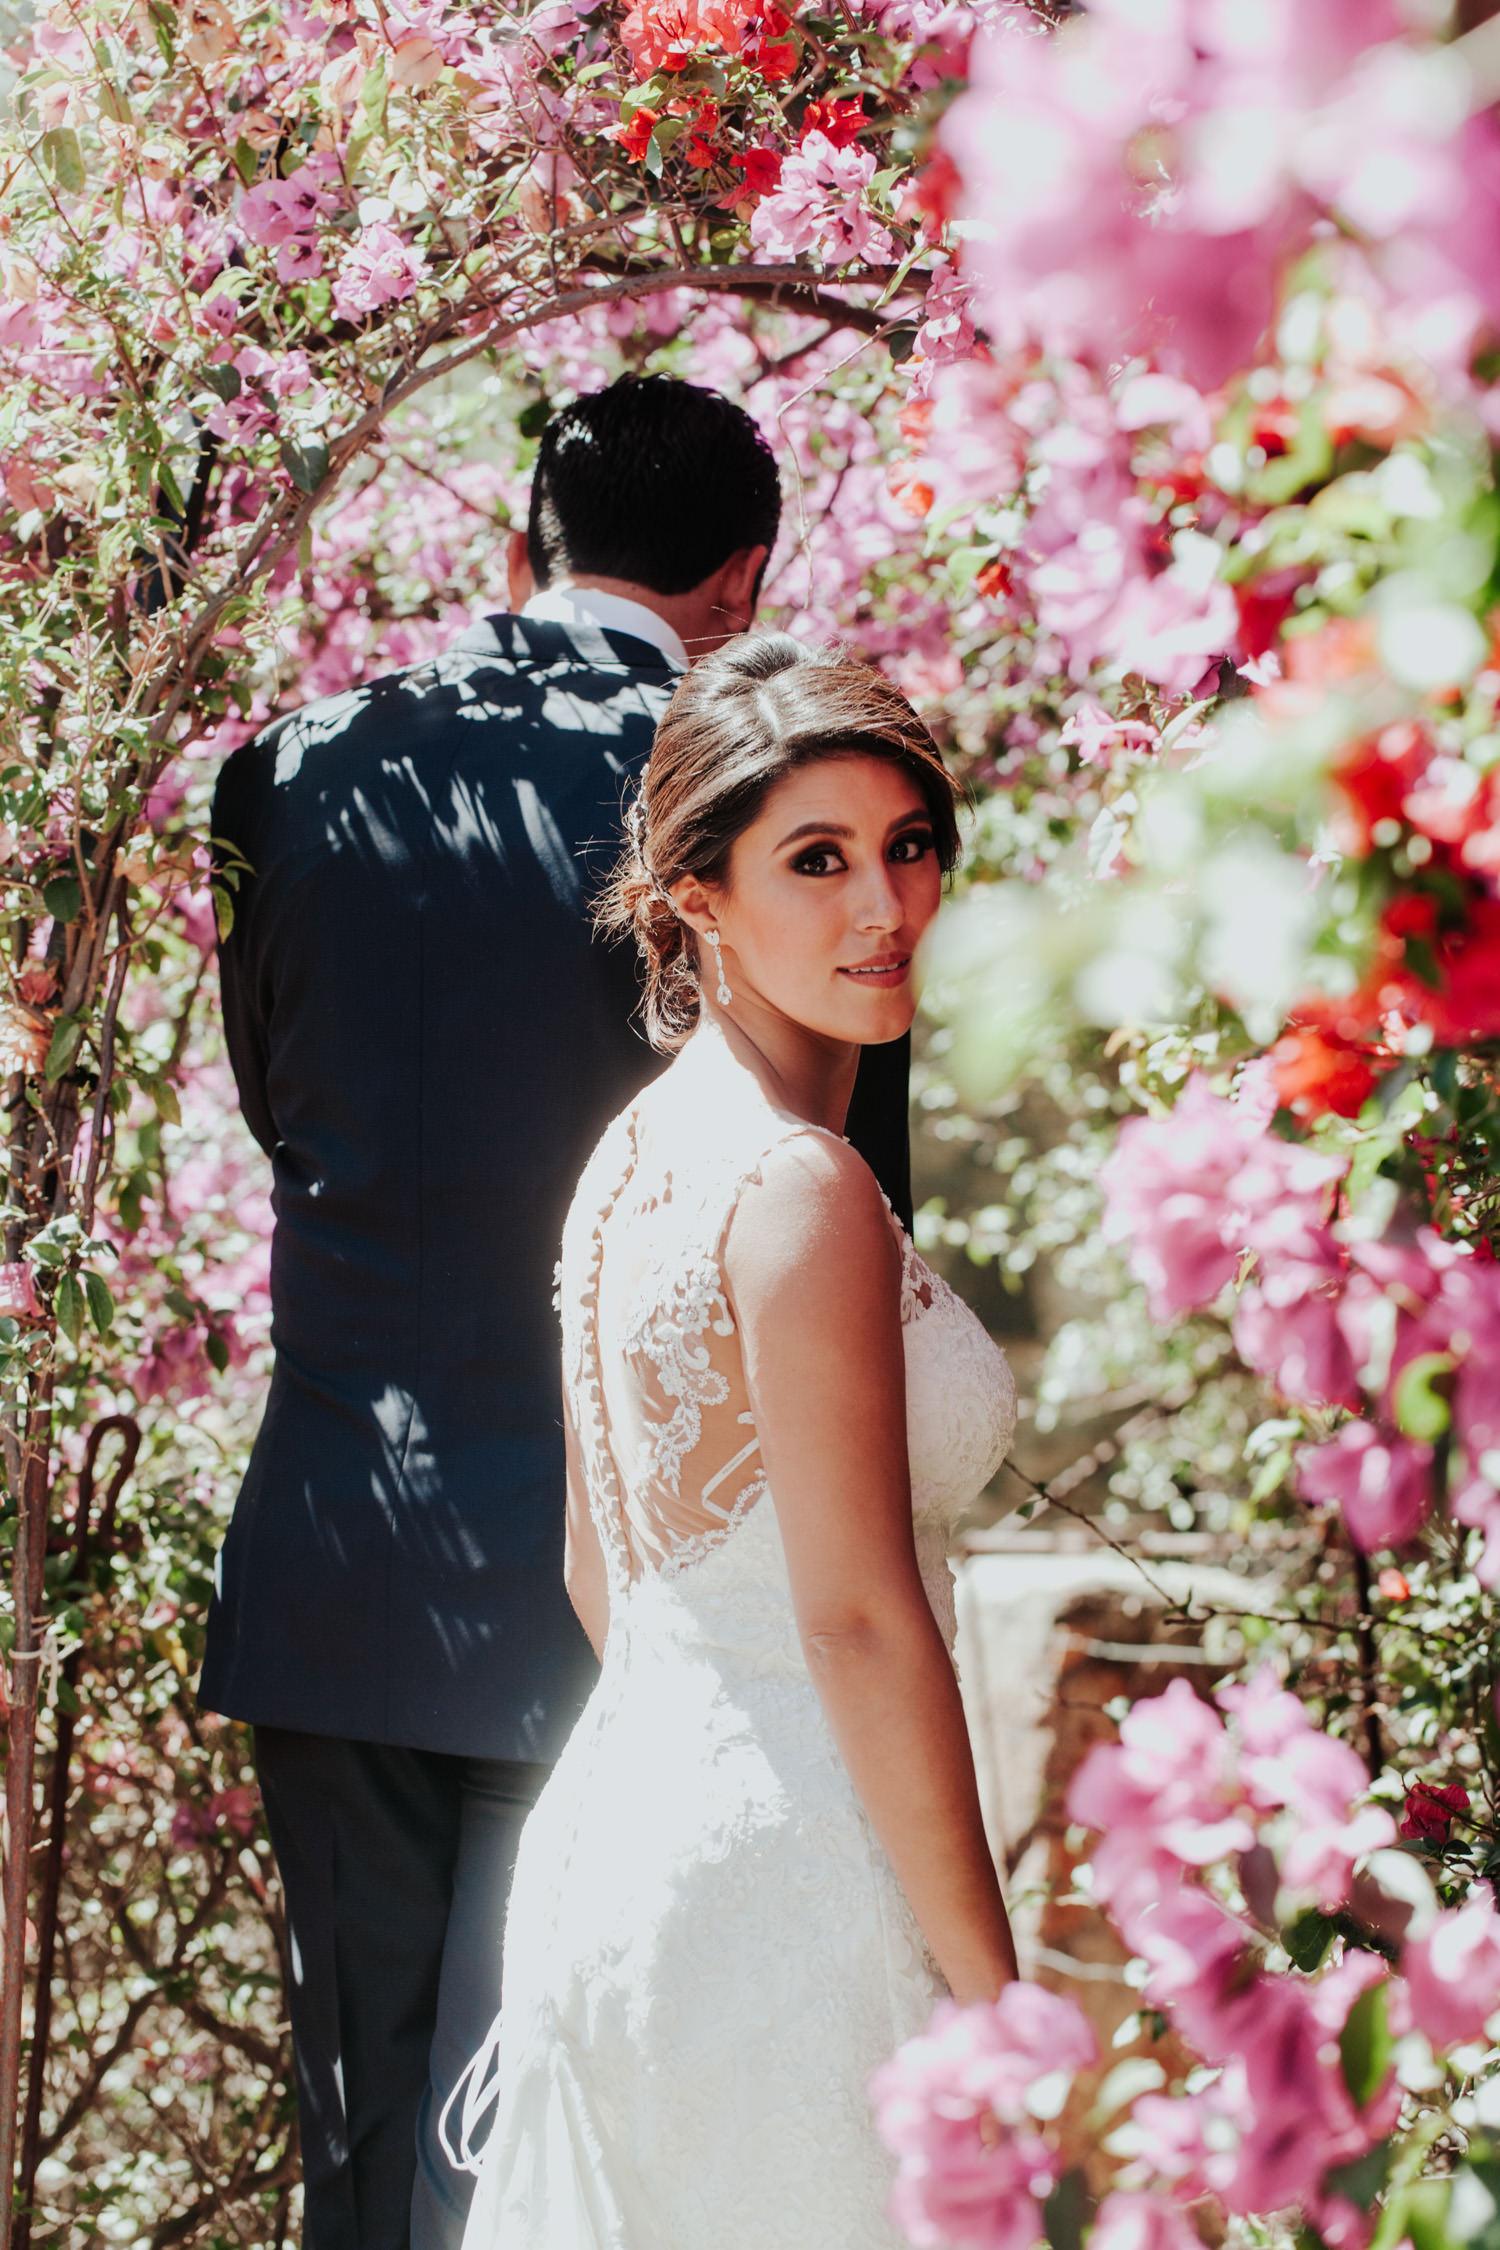 Boda-Guanajuato-Camino-de-Vinos-San-Miguel-Allende-Wedding-Fotografia-Paulina-Mauricio-Pierce0038.JPG